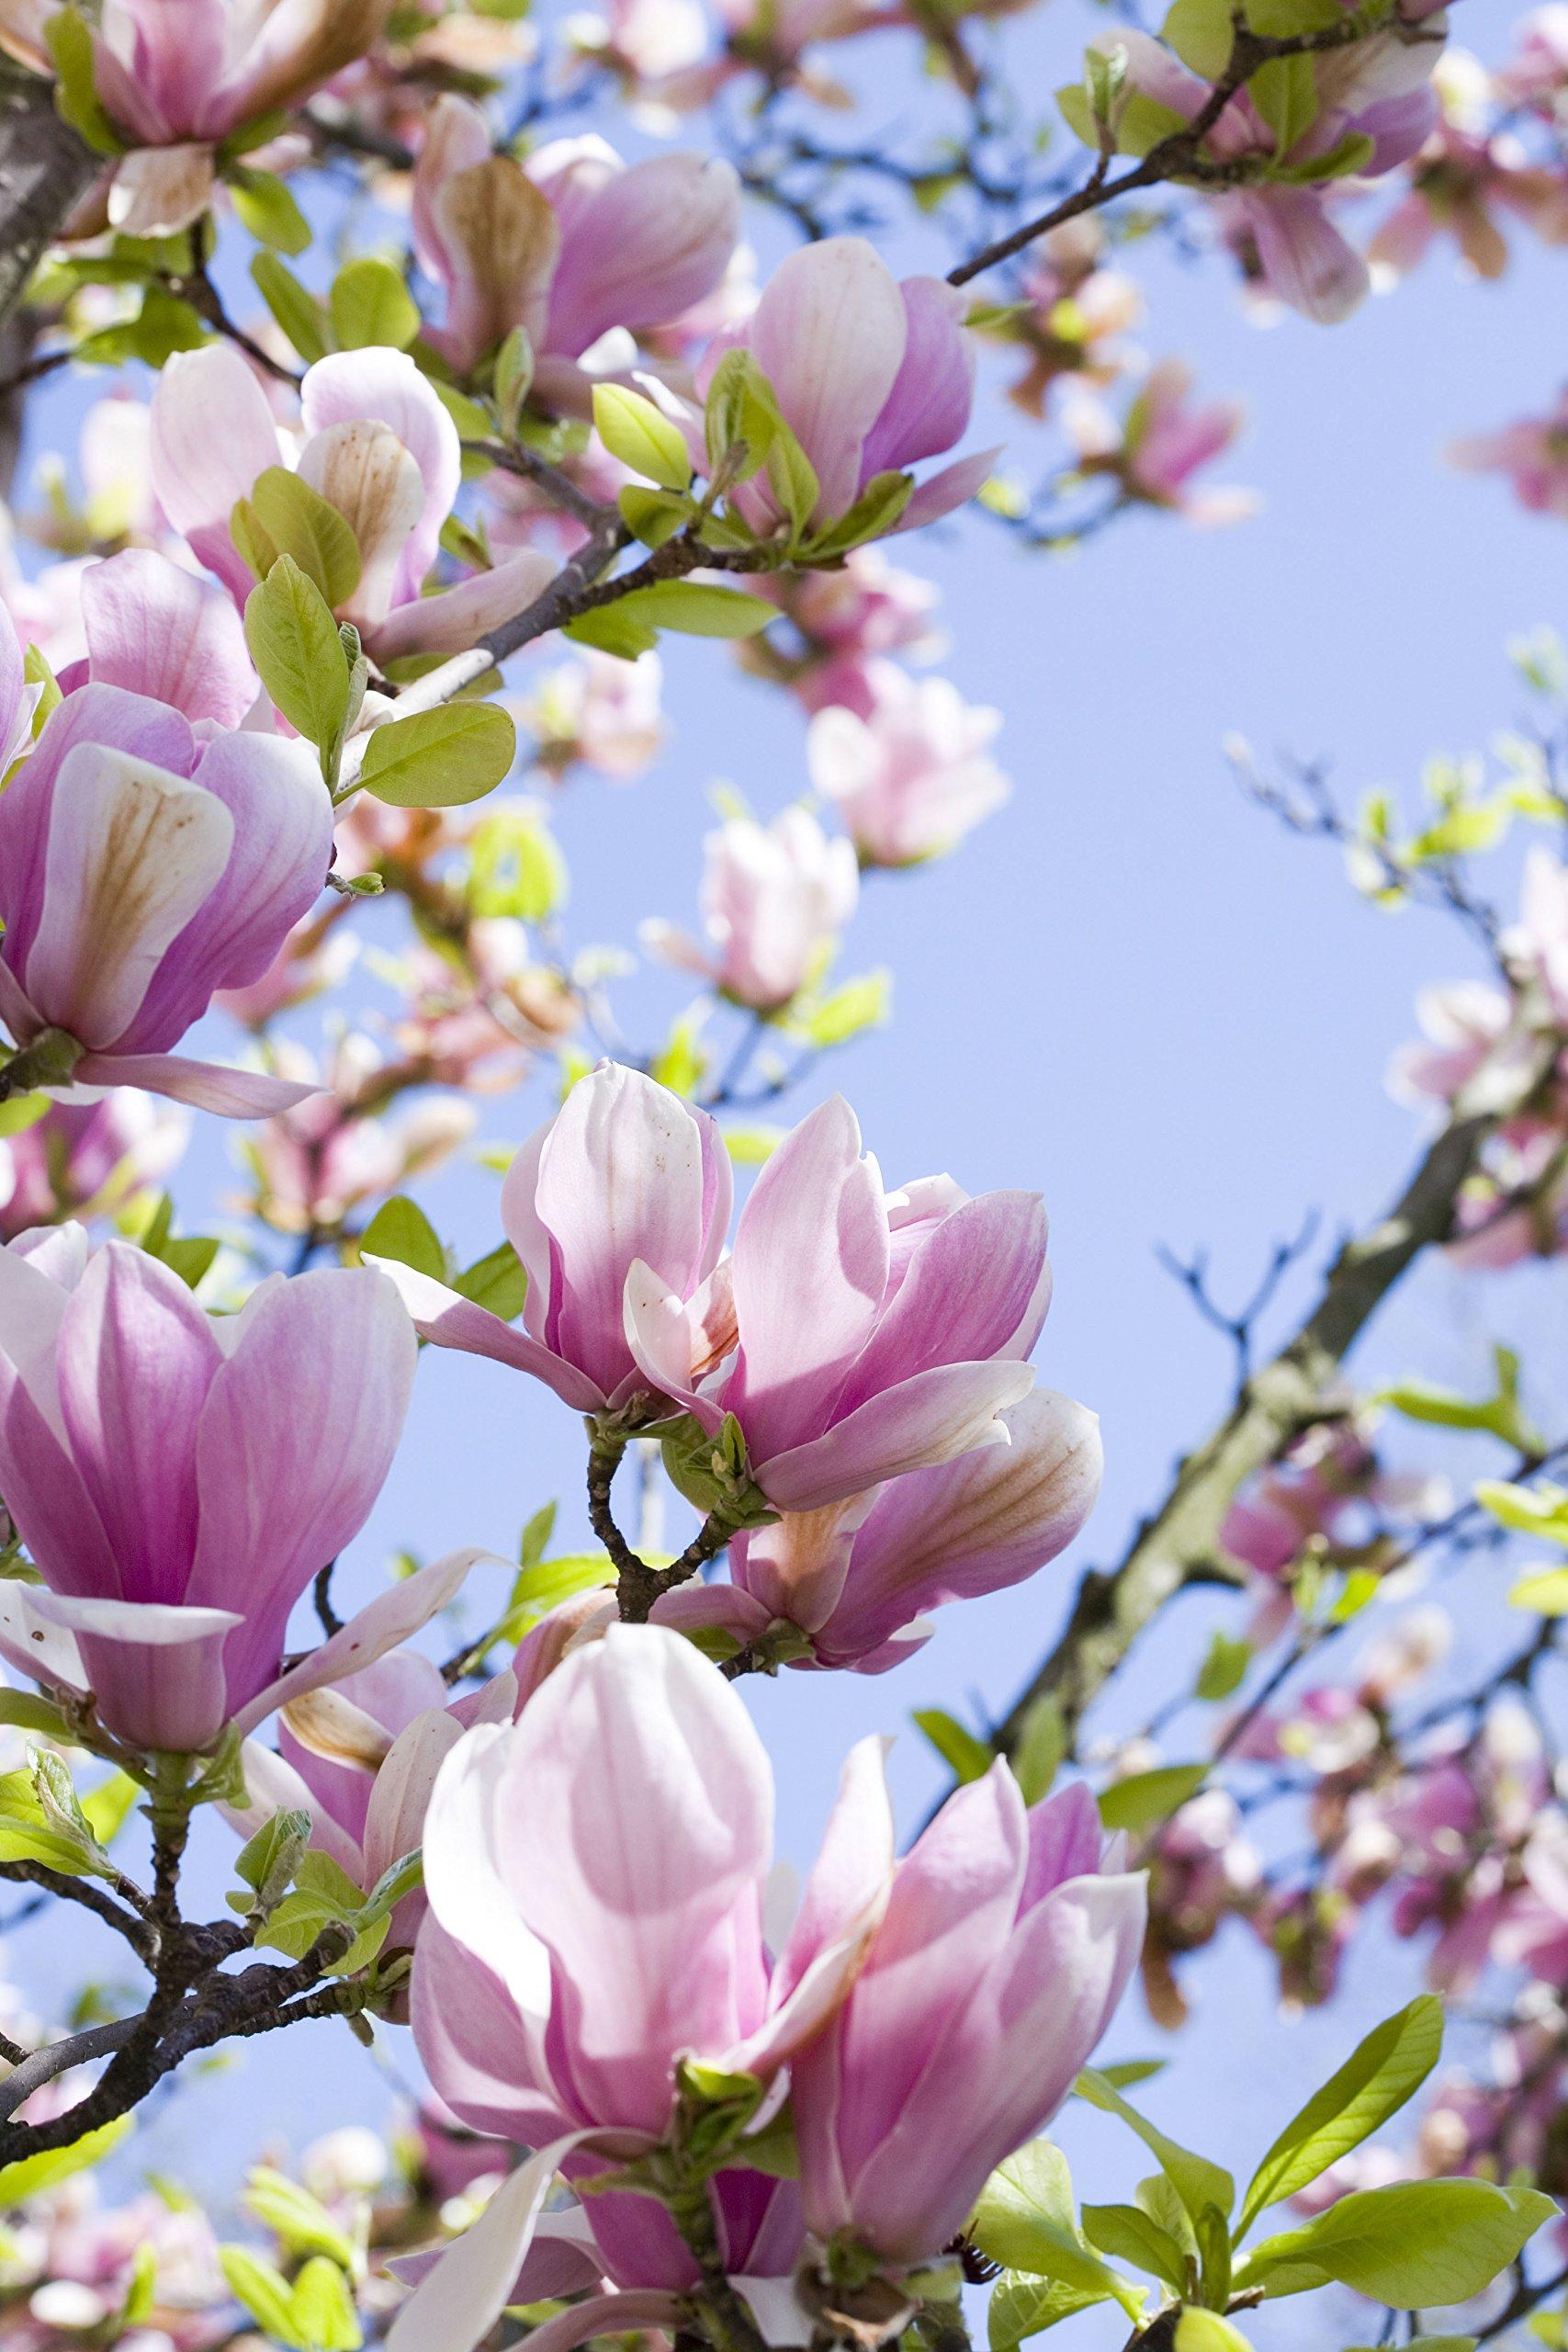 3x Magnolia Plants Garden Patio Trees Stelata Susan White Pink Flowering  Shrub